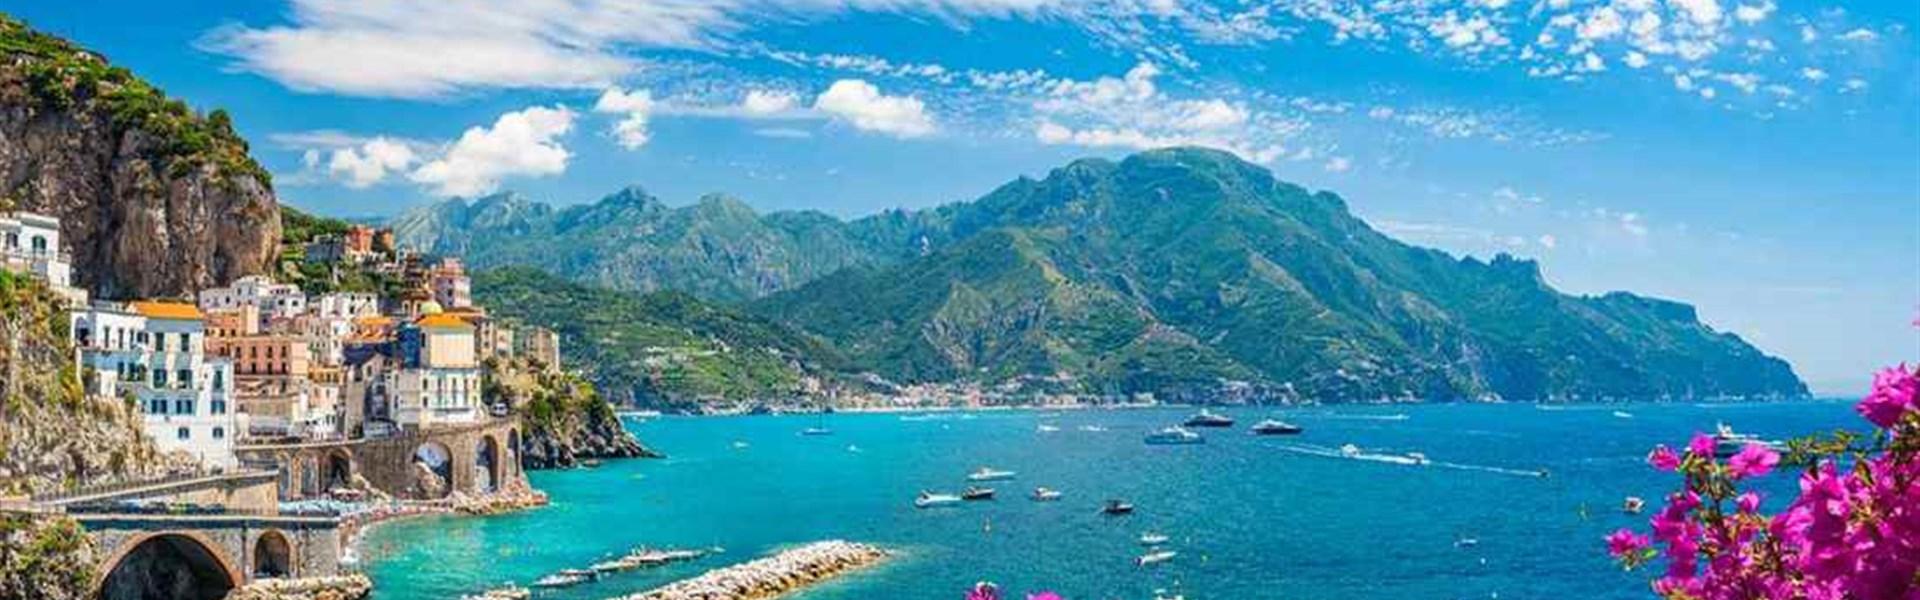 Dámská jízda: Jižní Itálií za vínem, mořem a odpočinkem - Amalfi